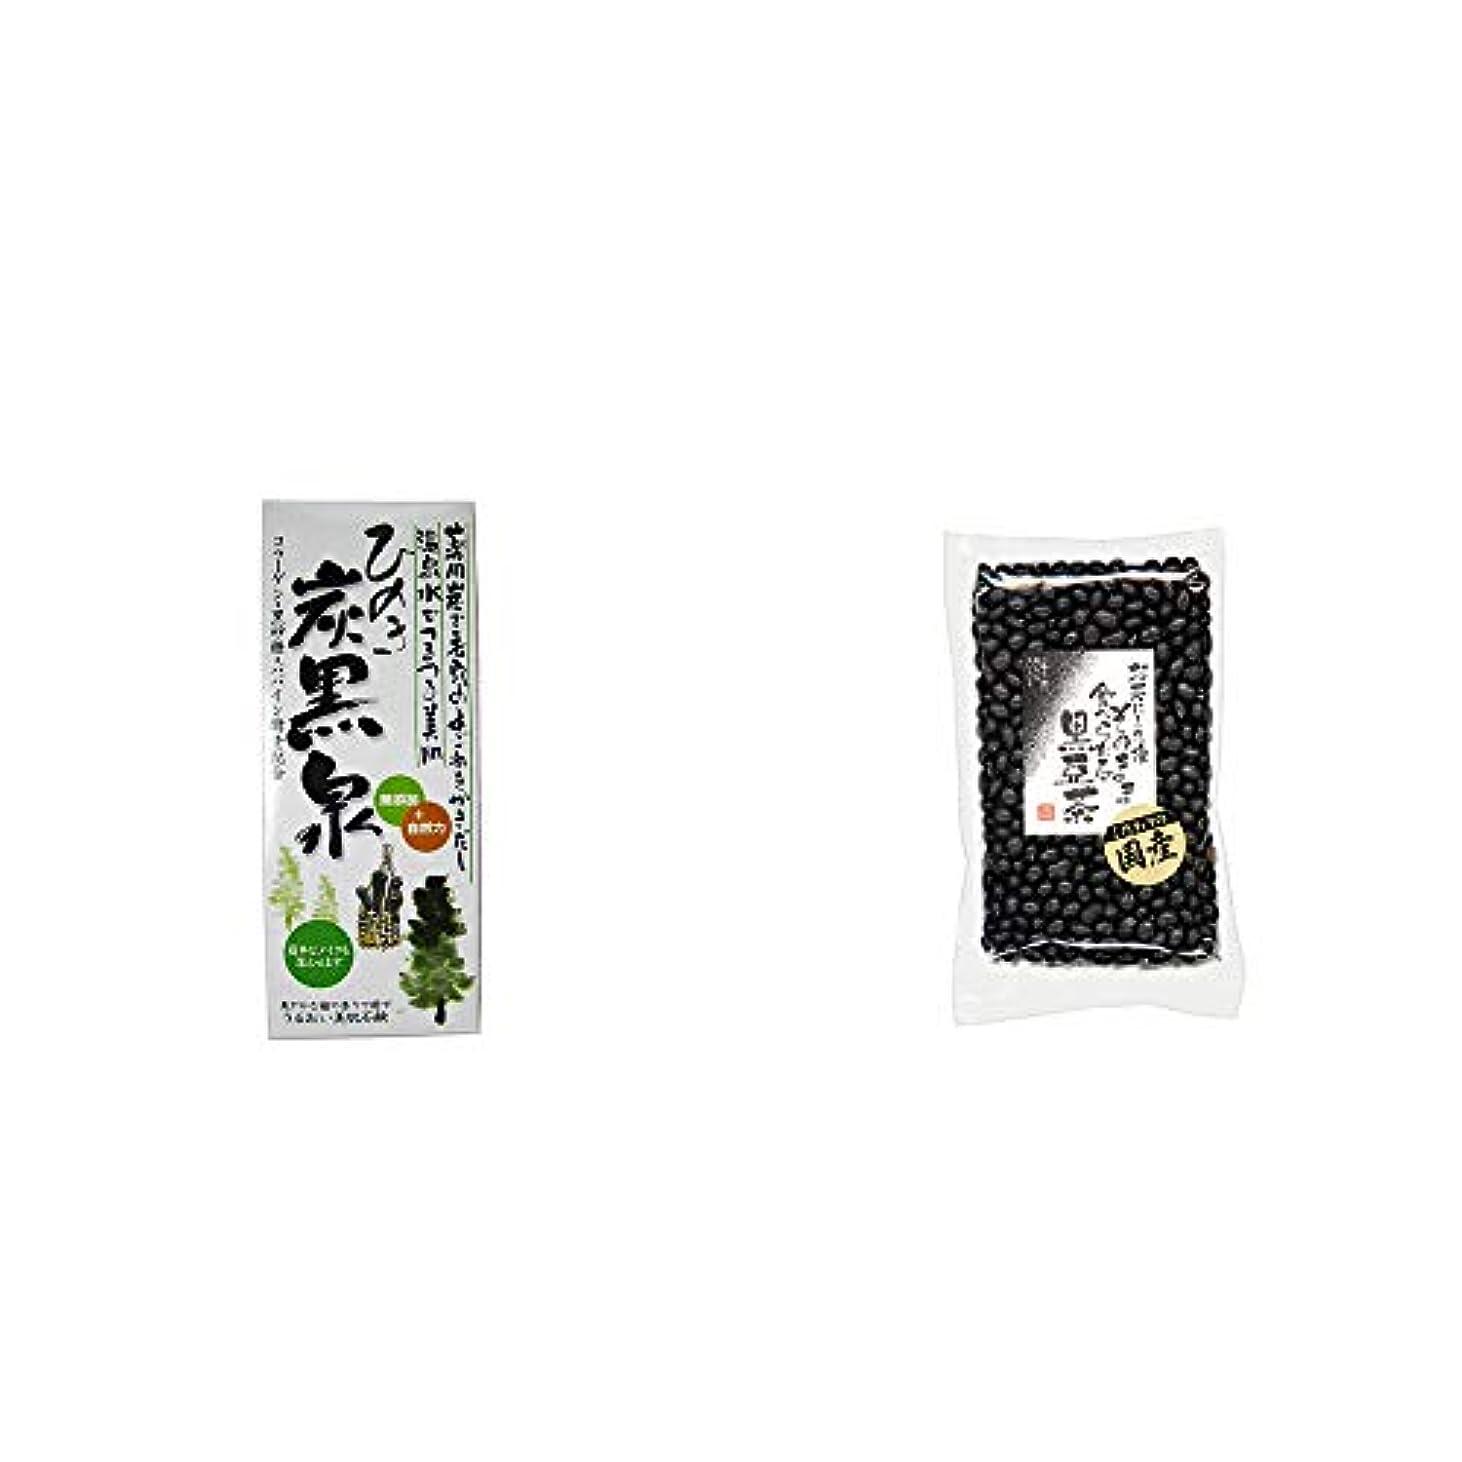 セーターしたいあいにく[2点セット] ひのき炭黒泉 箱入り(75g×3)?国産 黒豆茶(200g)